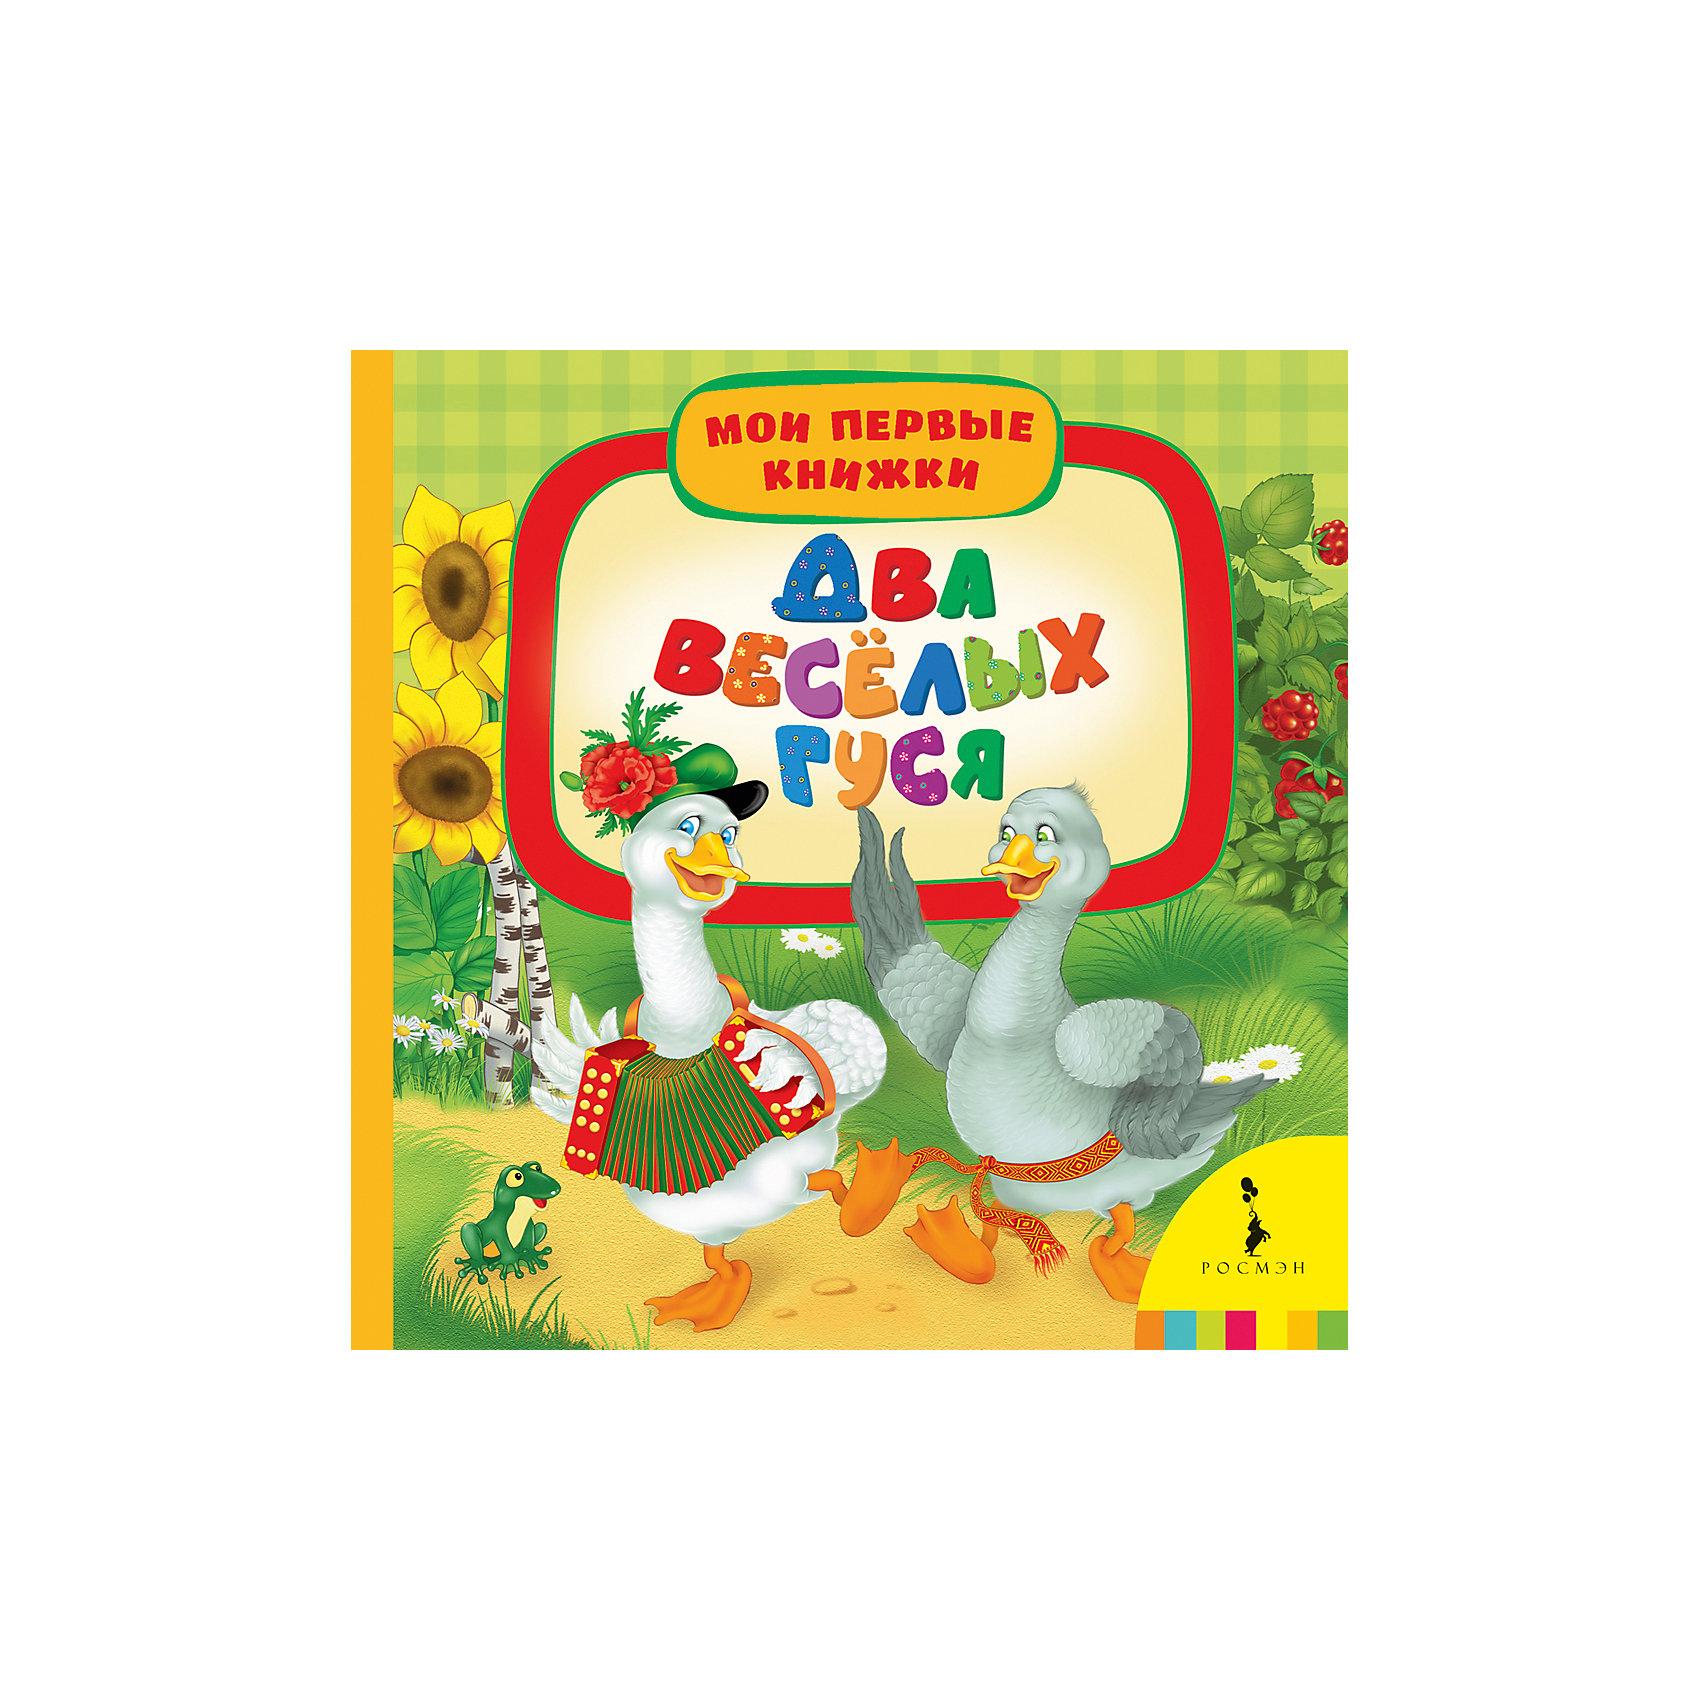 Два весёлых гуся, Мои первые книжкиРосмэн<br>Характеристики товара:<br><br>- цвет: разноцветный;<br>- материал: бумага;<br>- страниц: 14;<br>- формат: 17 х 17 см;<br>- обложка: картон;<br>- возраст: от 1 года. <br><br>Издания серии Мои первые книжки - отличный способ занять ребенка! Эта красочная книга станет отличным подарком для родителей и малыша. Она содержит в себе известные сказки, стихи, загадки, песенки и потешки, которые так любят дети. Отличный способ привить малышу любовь к чтению! Удобный формат и плотные странички позволят брать книгу с собой в поездки.<br>Чтение и рассматривание картинок даже в юном возрасте помогает ребенку развивать память, концентрацию внимания и воображение. Издание произведено из качественных материалов, которые безопасны даже для самых маленьких.<br><br>Издание Два весёлых гуся, Мои первые книжки от компании Росмэн можно купить в нашем интернет-магазине.<br><br>Ширина мм: 165<br>Глубина мм: 165<br>Высота мм: 18<br>Вес г: 305<br>Возраст от месяцев: 0<br>Возраст до месяцев: 36<br>Пол: Унисекс<br>Возраст: Детский<br>SKU: 5110289